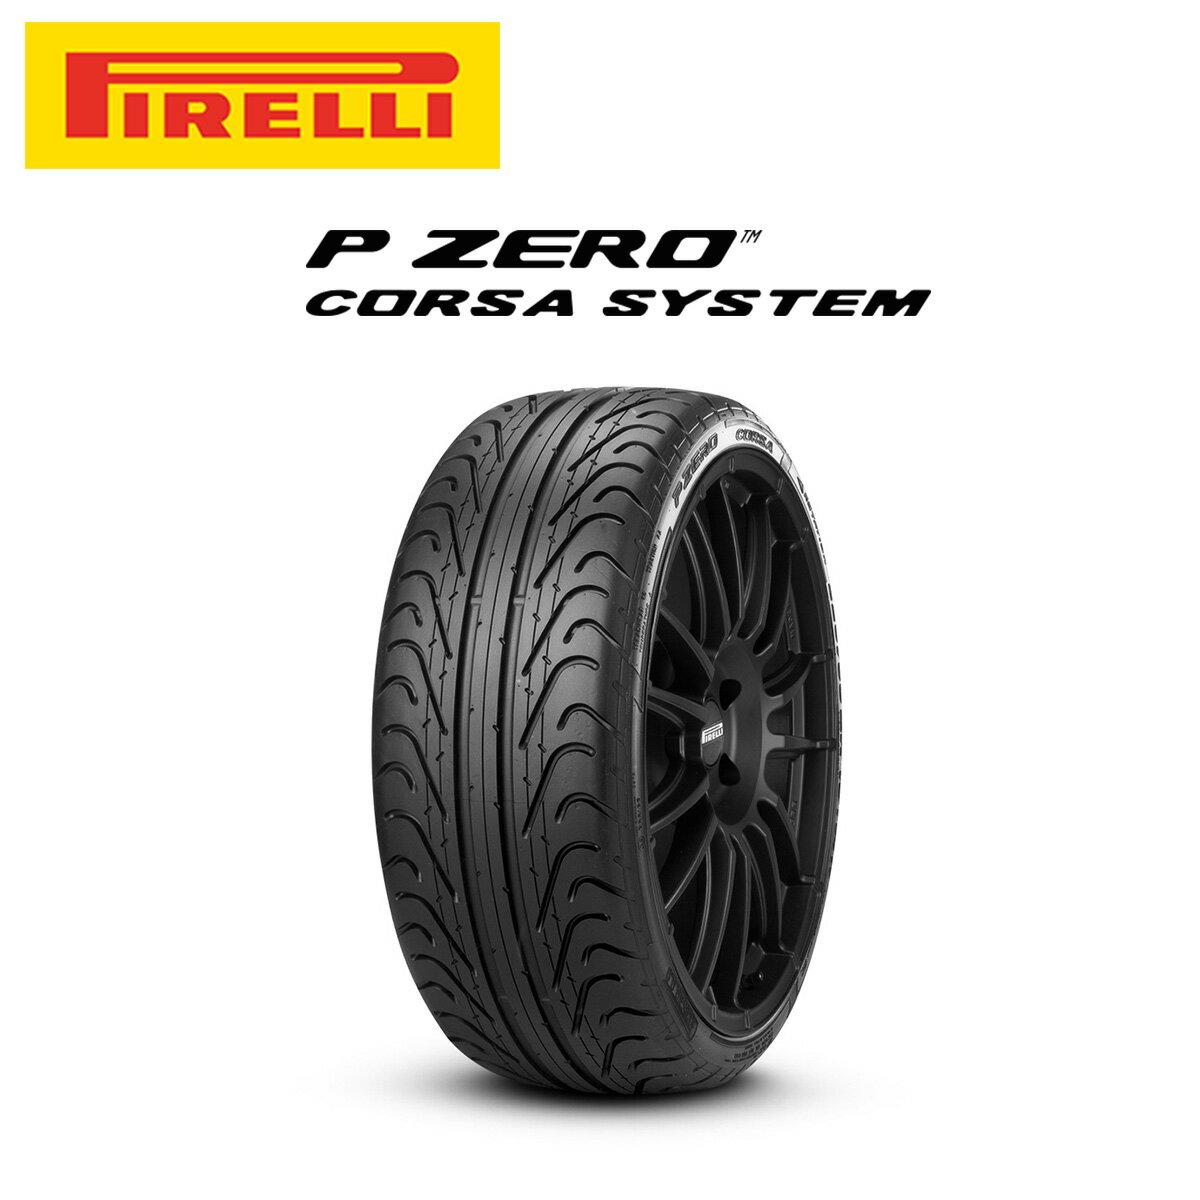 ピレリ PIRELLI P ZERO CORSA SUMMER Pゼロコルサ 19インチ サマー タイヤ 右用 4本 セット 285/35ZR19 99Y ロープロファイルタイヤシリーズ 1975500